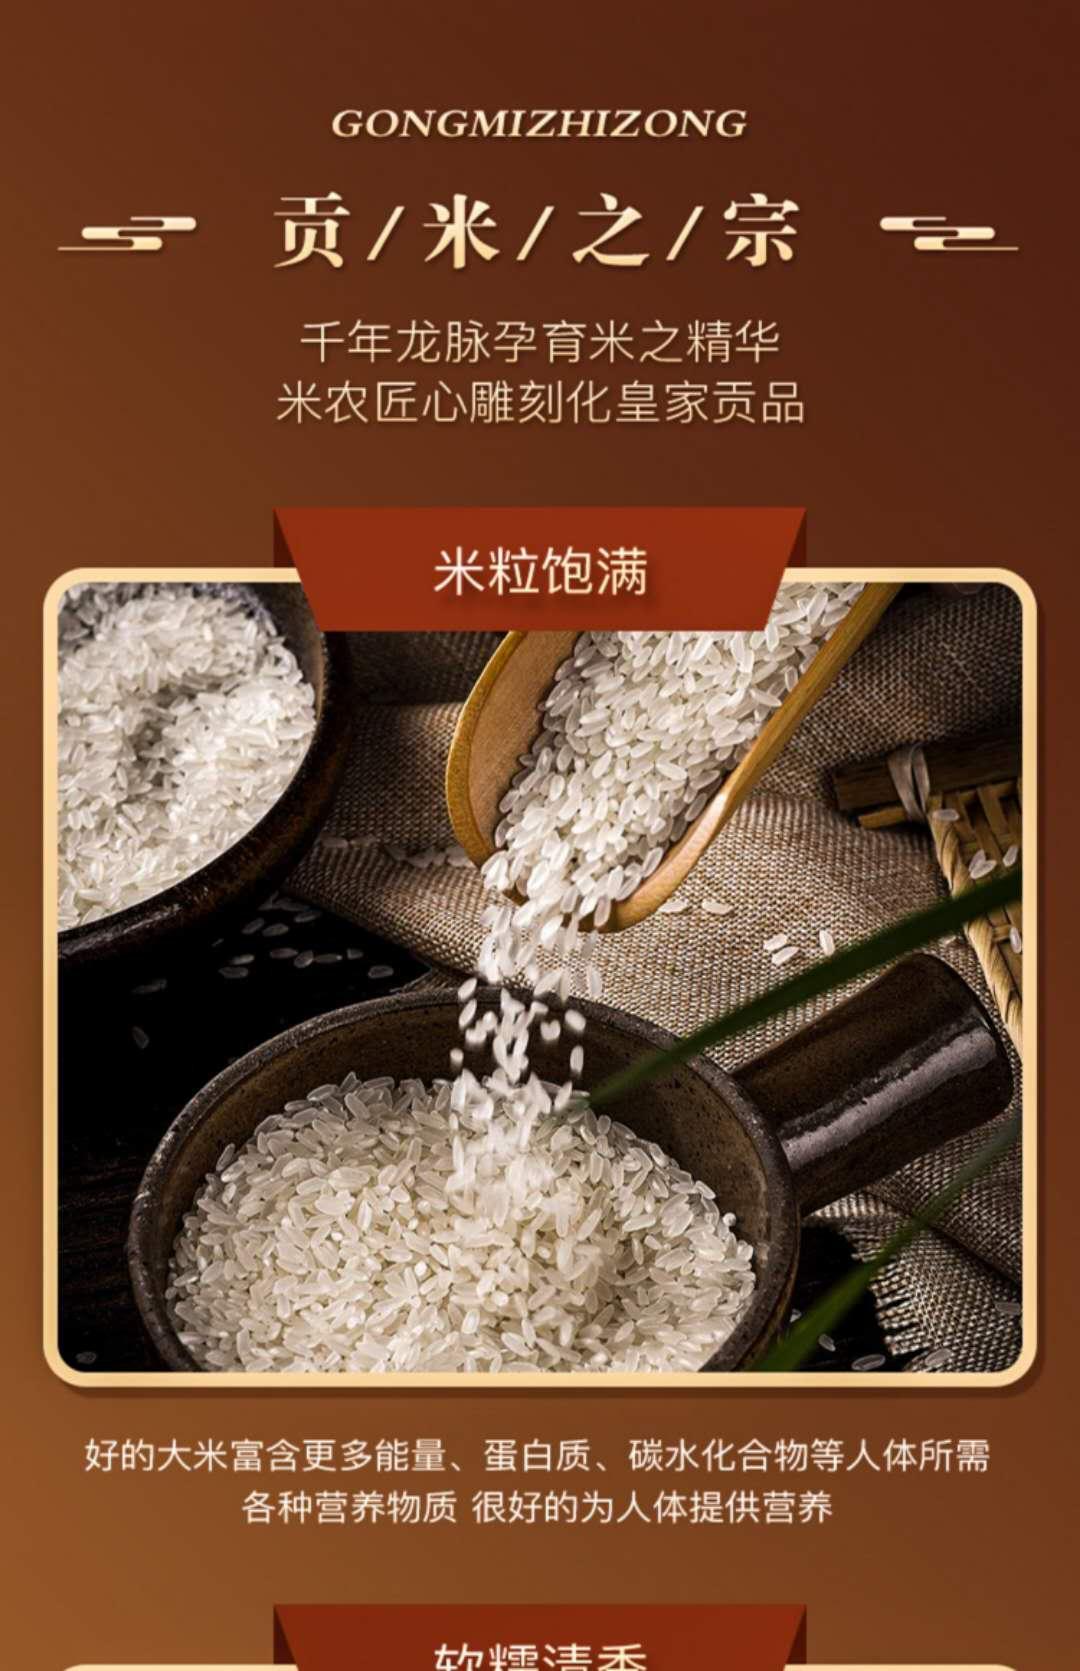 东北吉林新大米秋田小町寿司米珍珠米粳米农家斤包邮详细照片